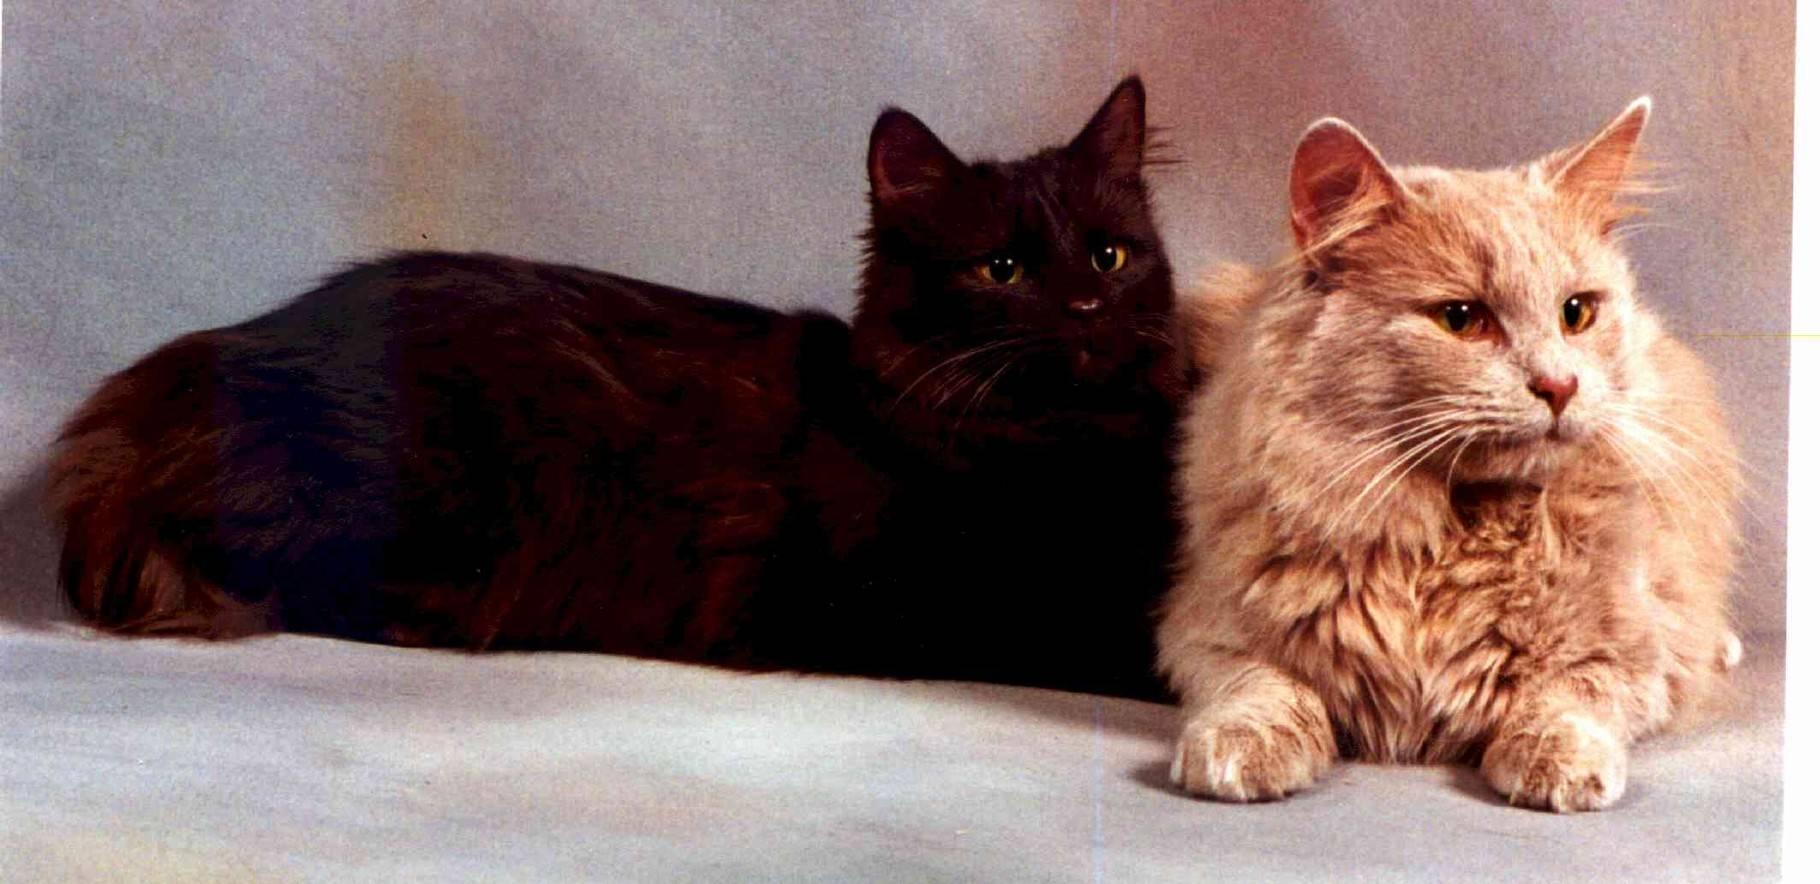 Йоркская шоколадная кошка: описание и фото животного необычного цвета